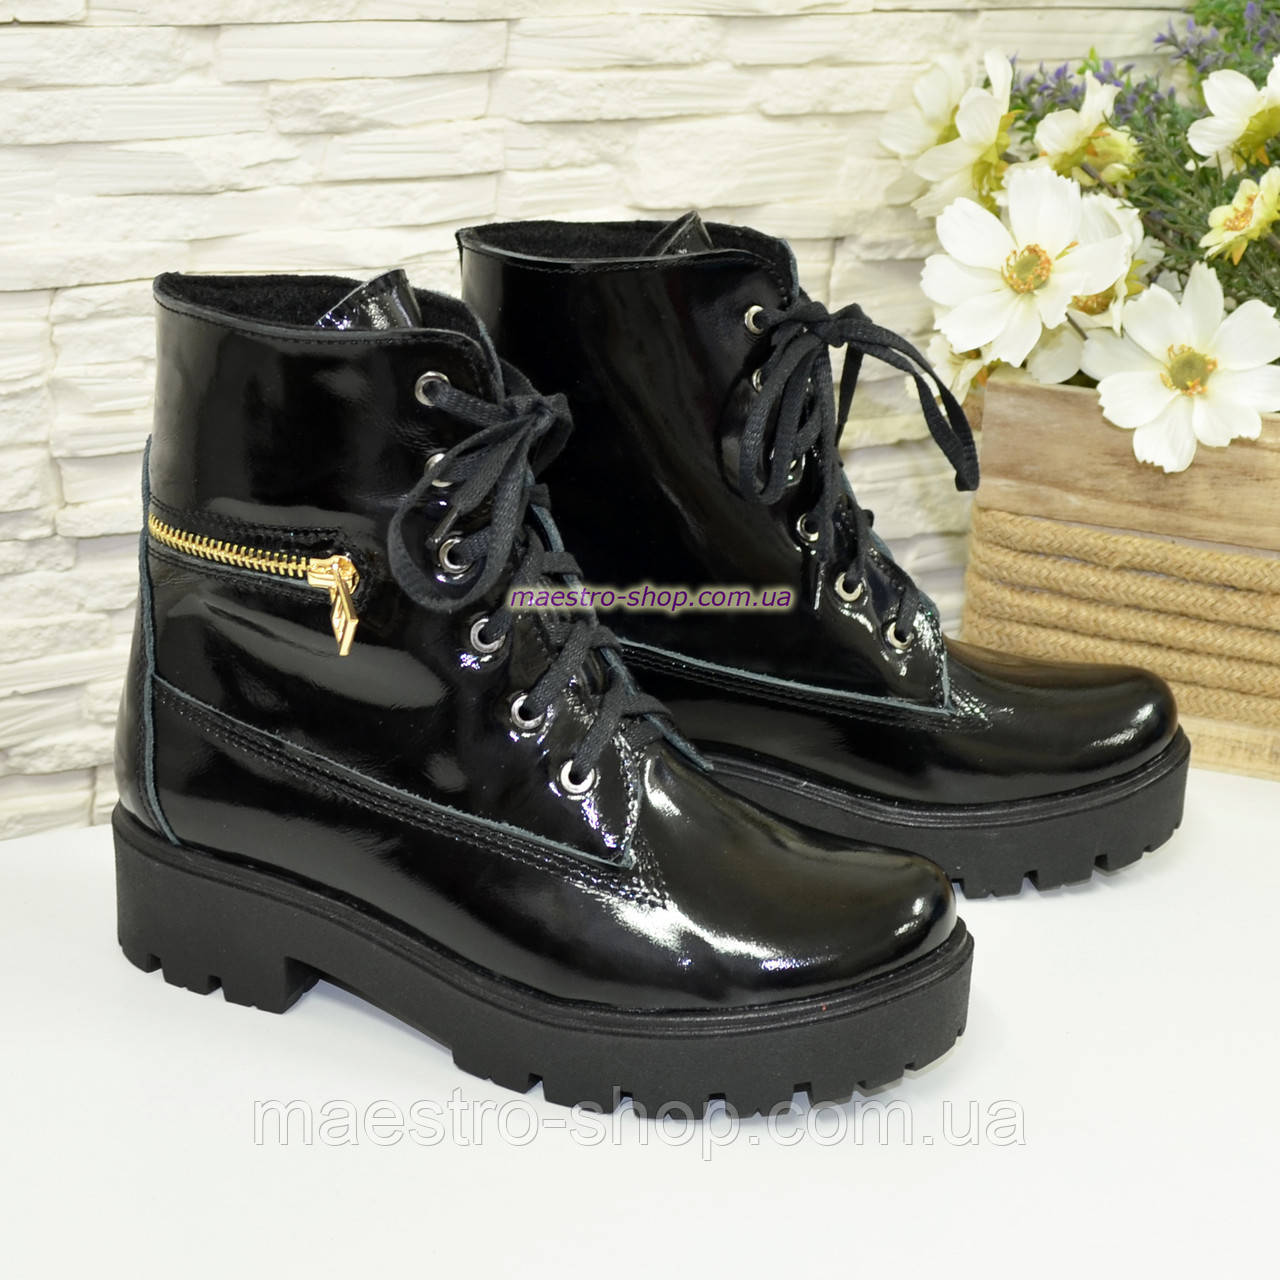 Ботинки женские зимние лаковые на шнуровке, подошва утолщенная